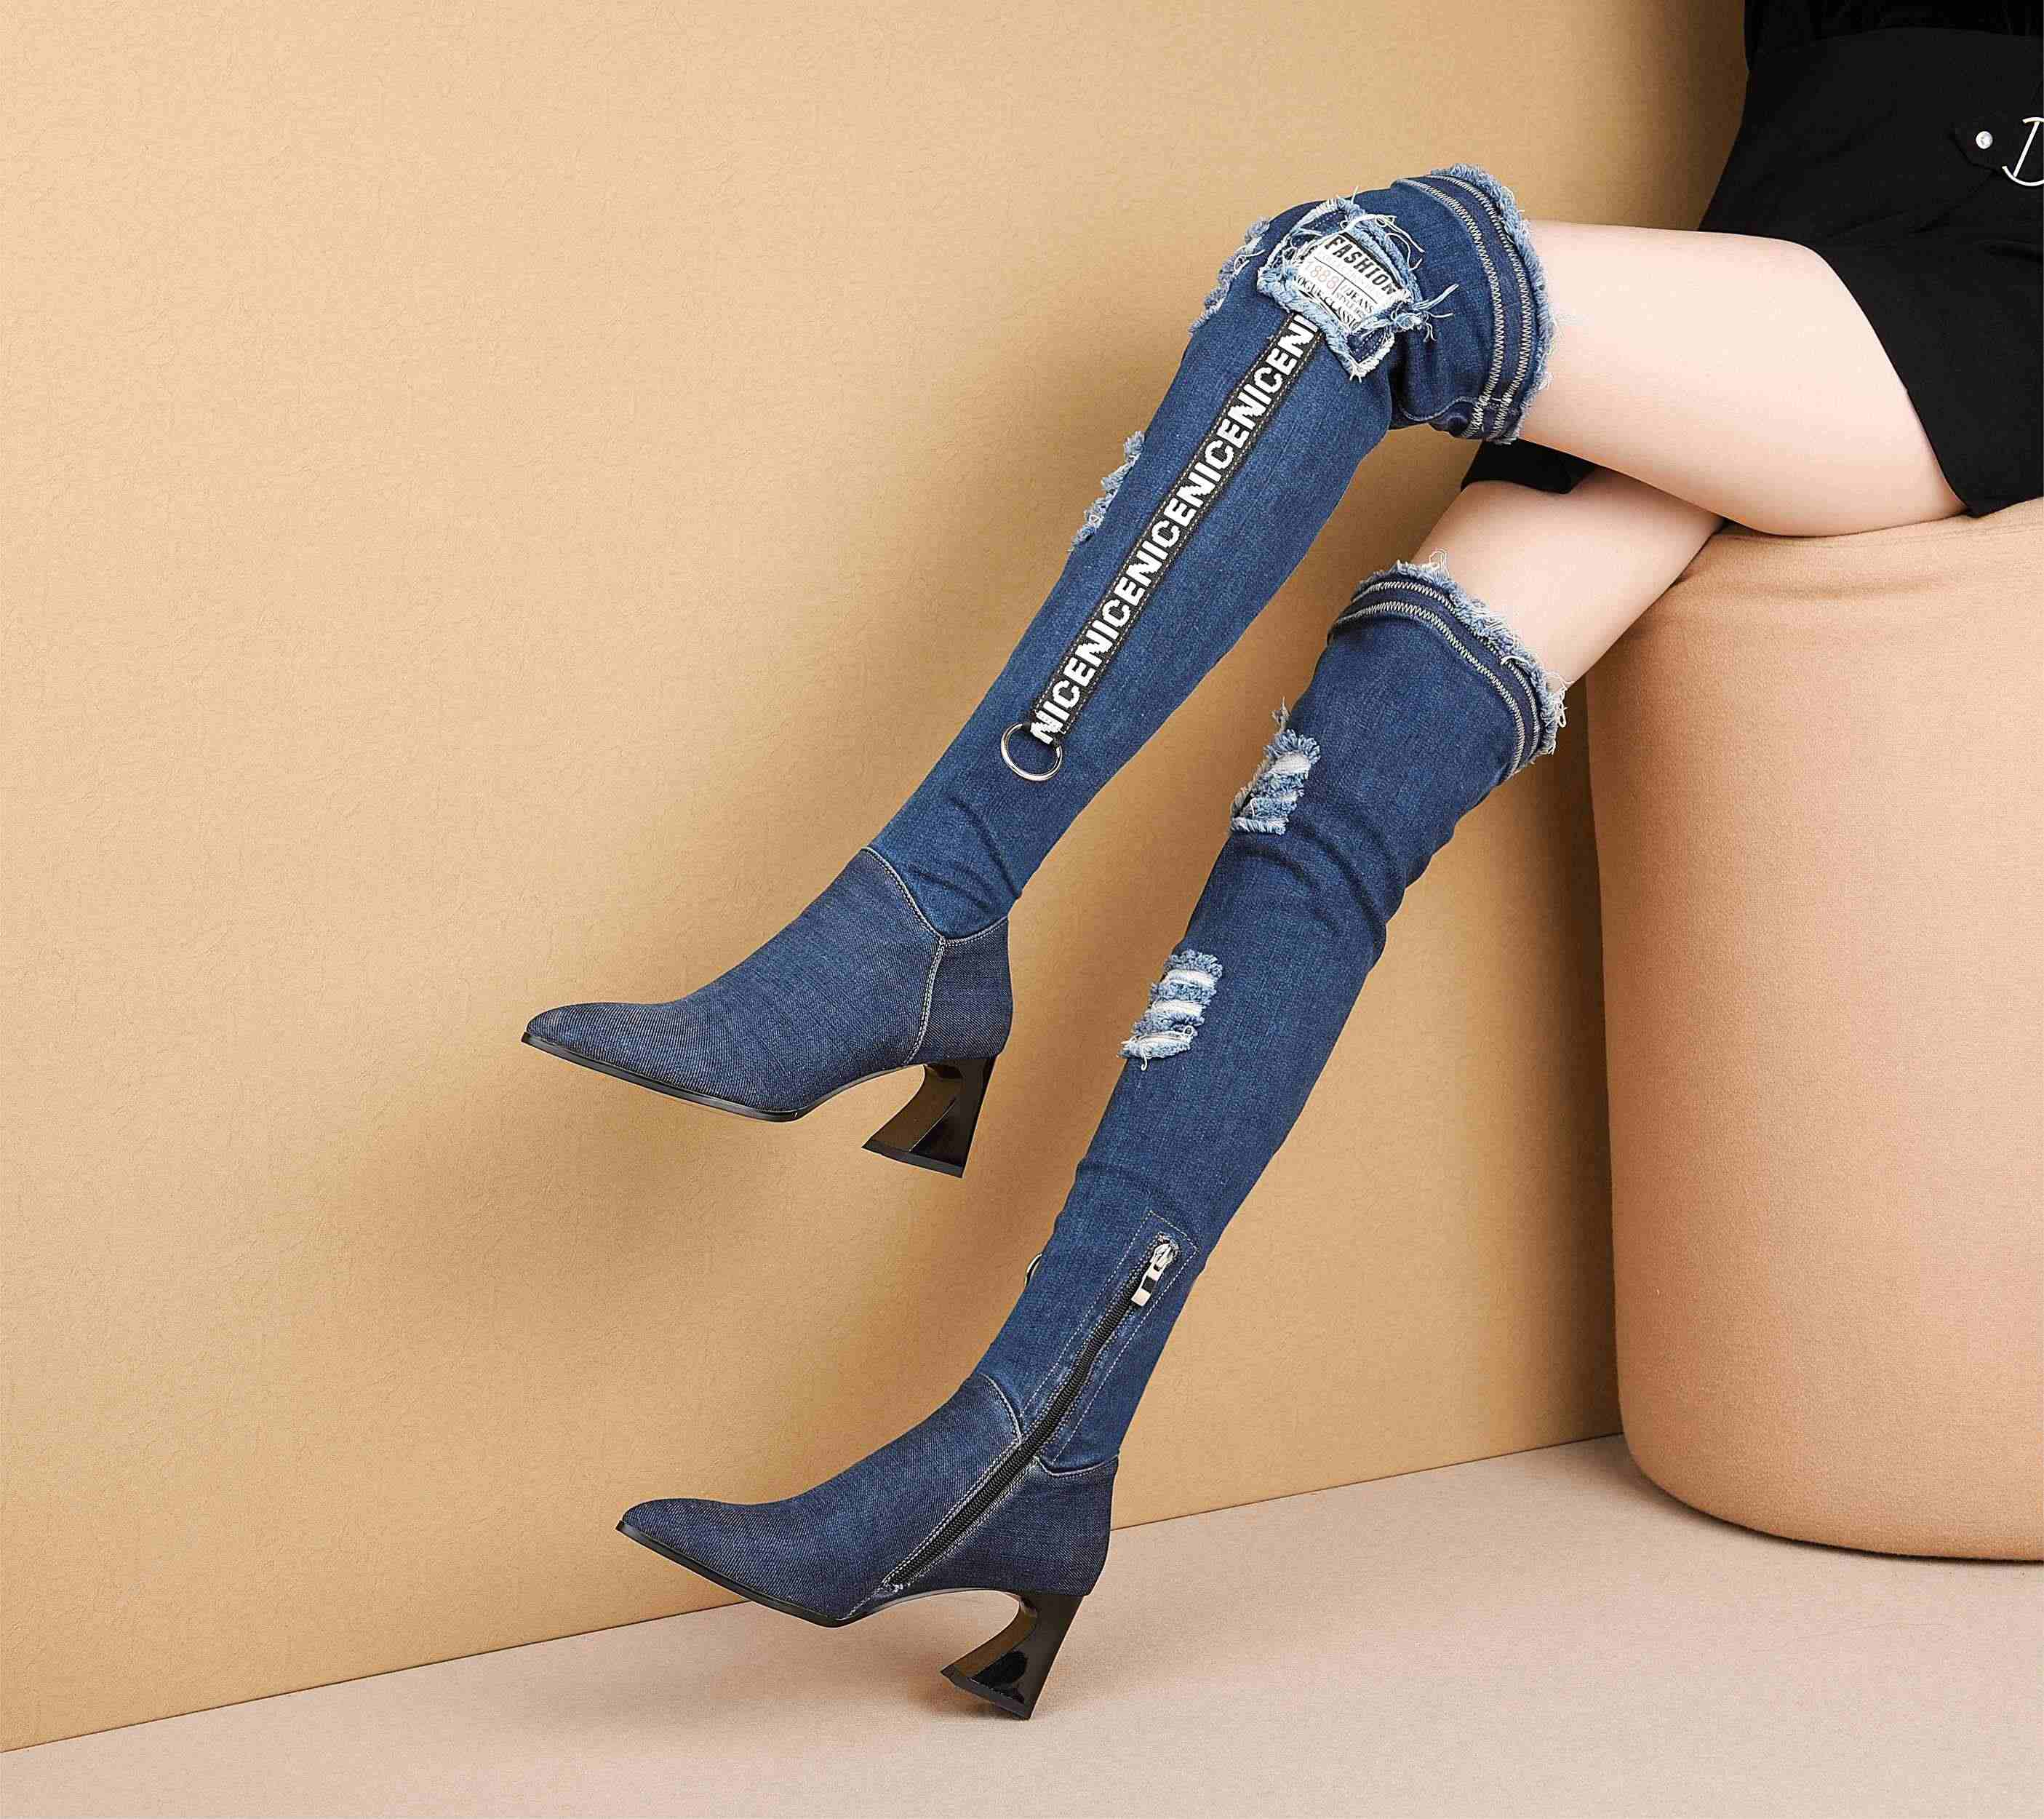 Krazing Pot yeni avrupa styledenim streç çizmeler yüksek topuklar sivri burun kadın moda nefes kış uyluk yüksek çizmeler L53